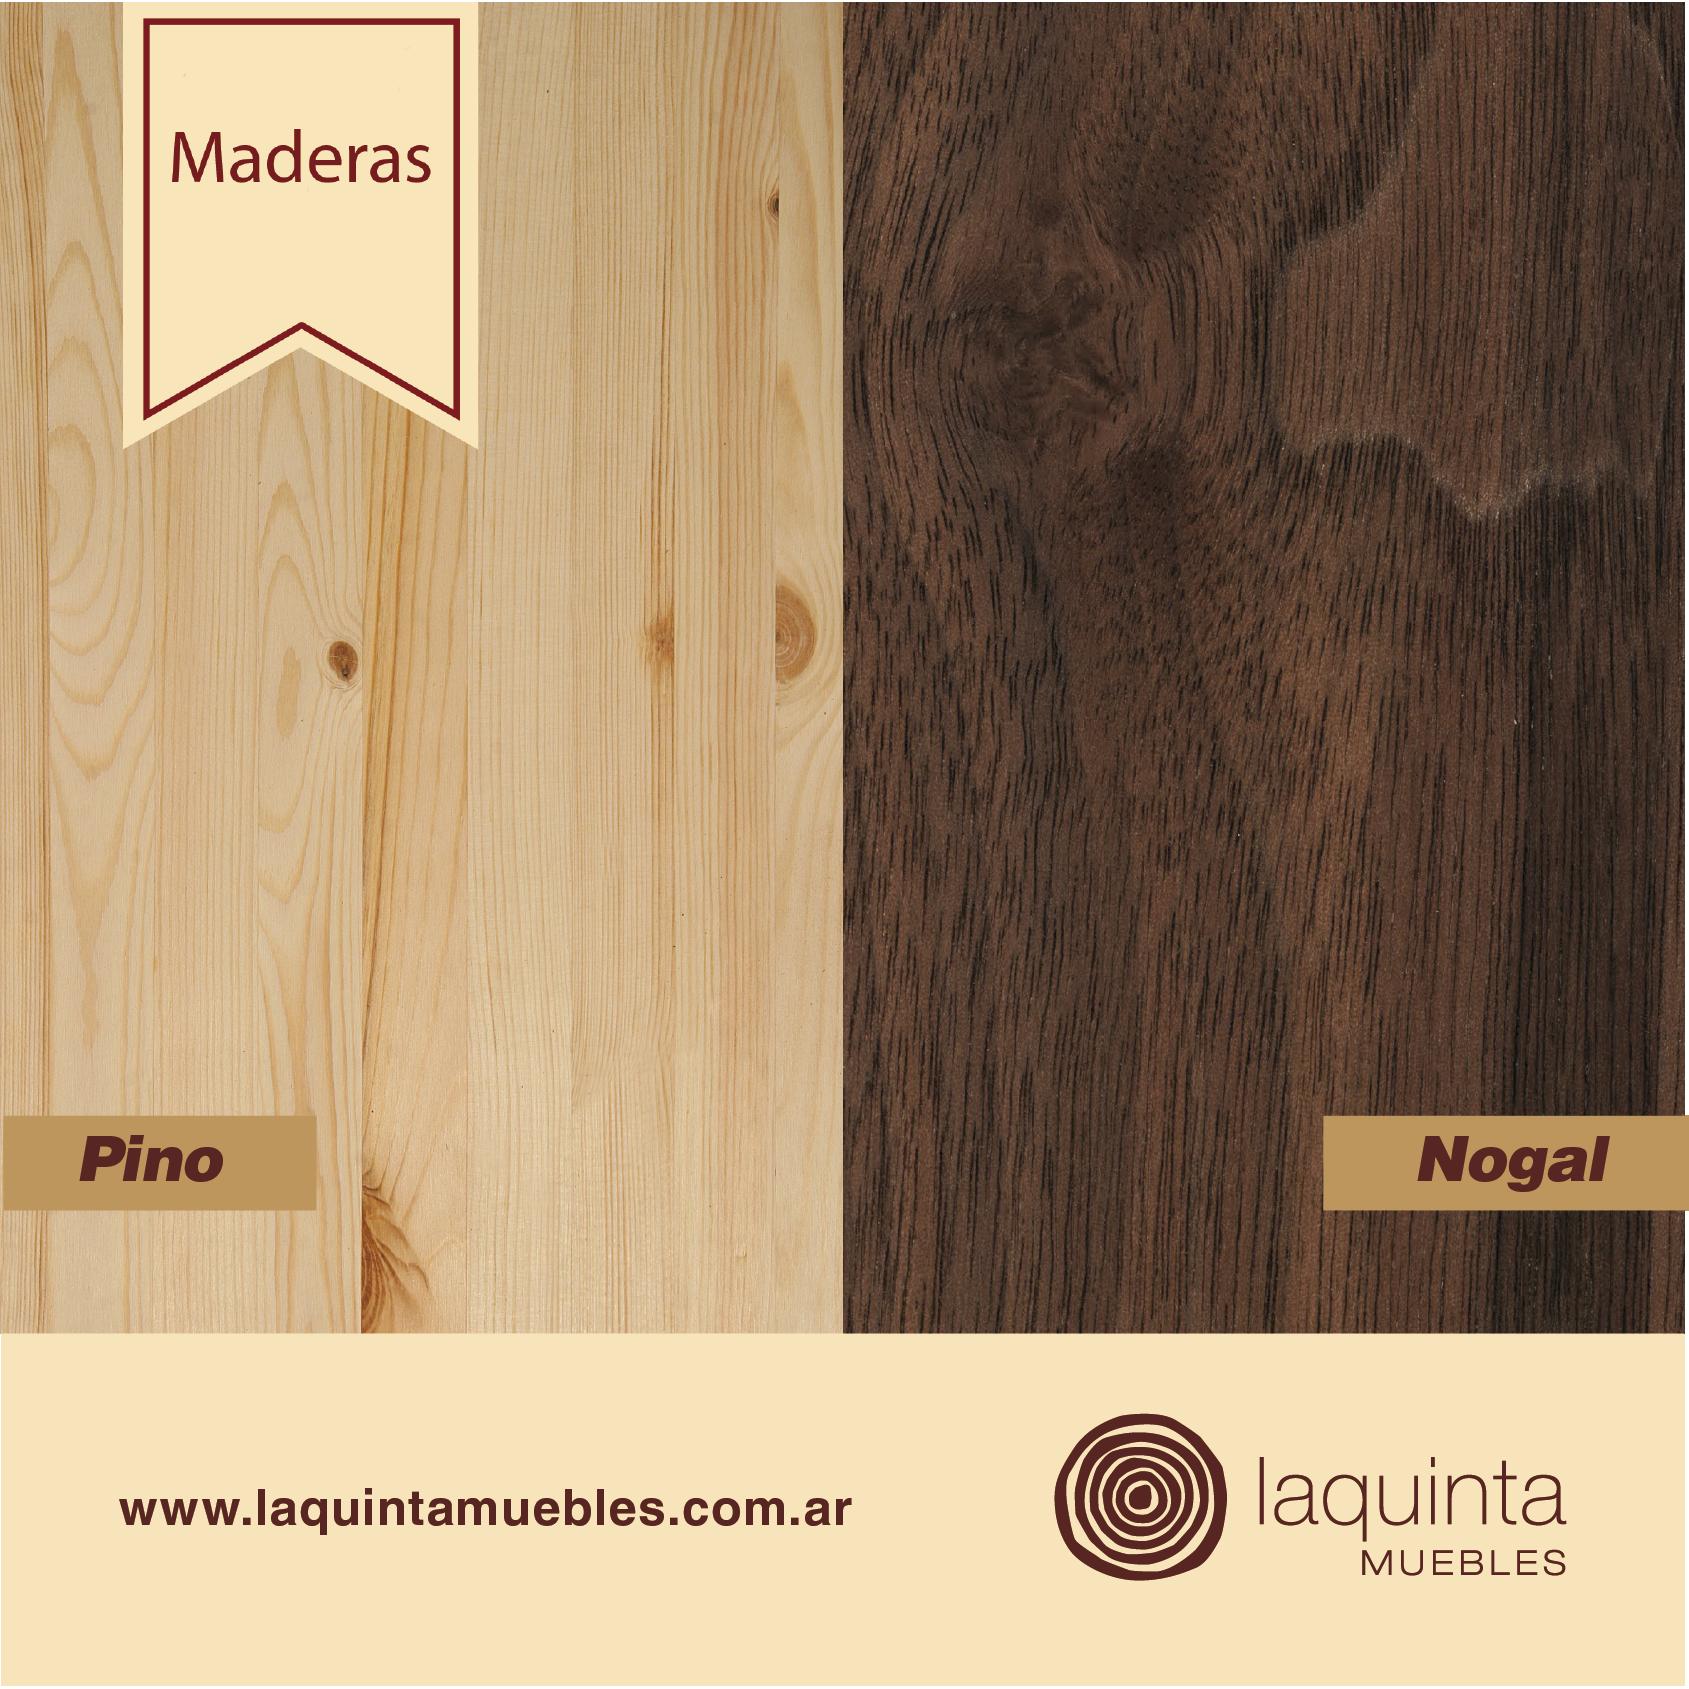 Sab as que hay dos tipos de maderas las maderas blandas - Color nogal en madera ...